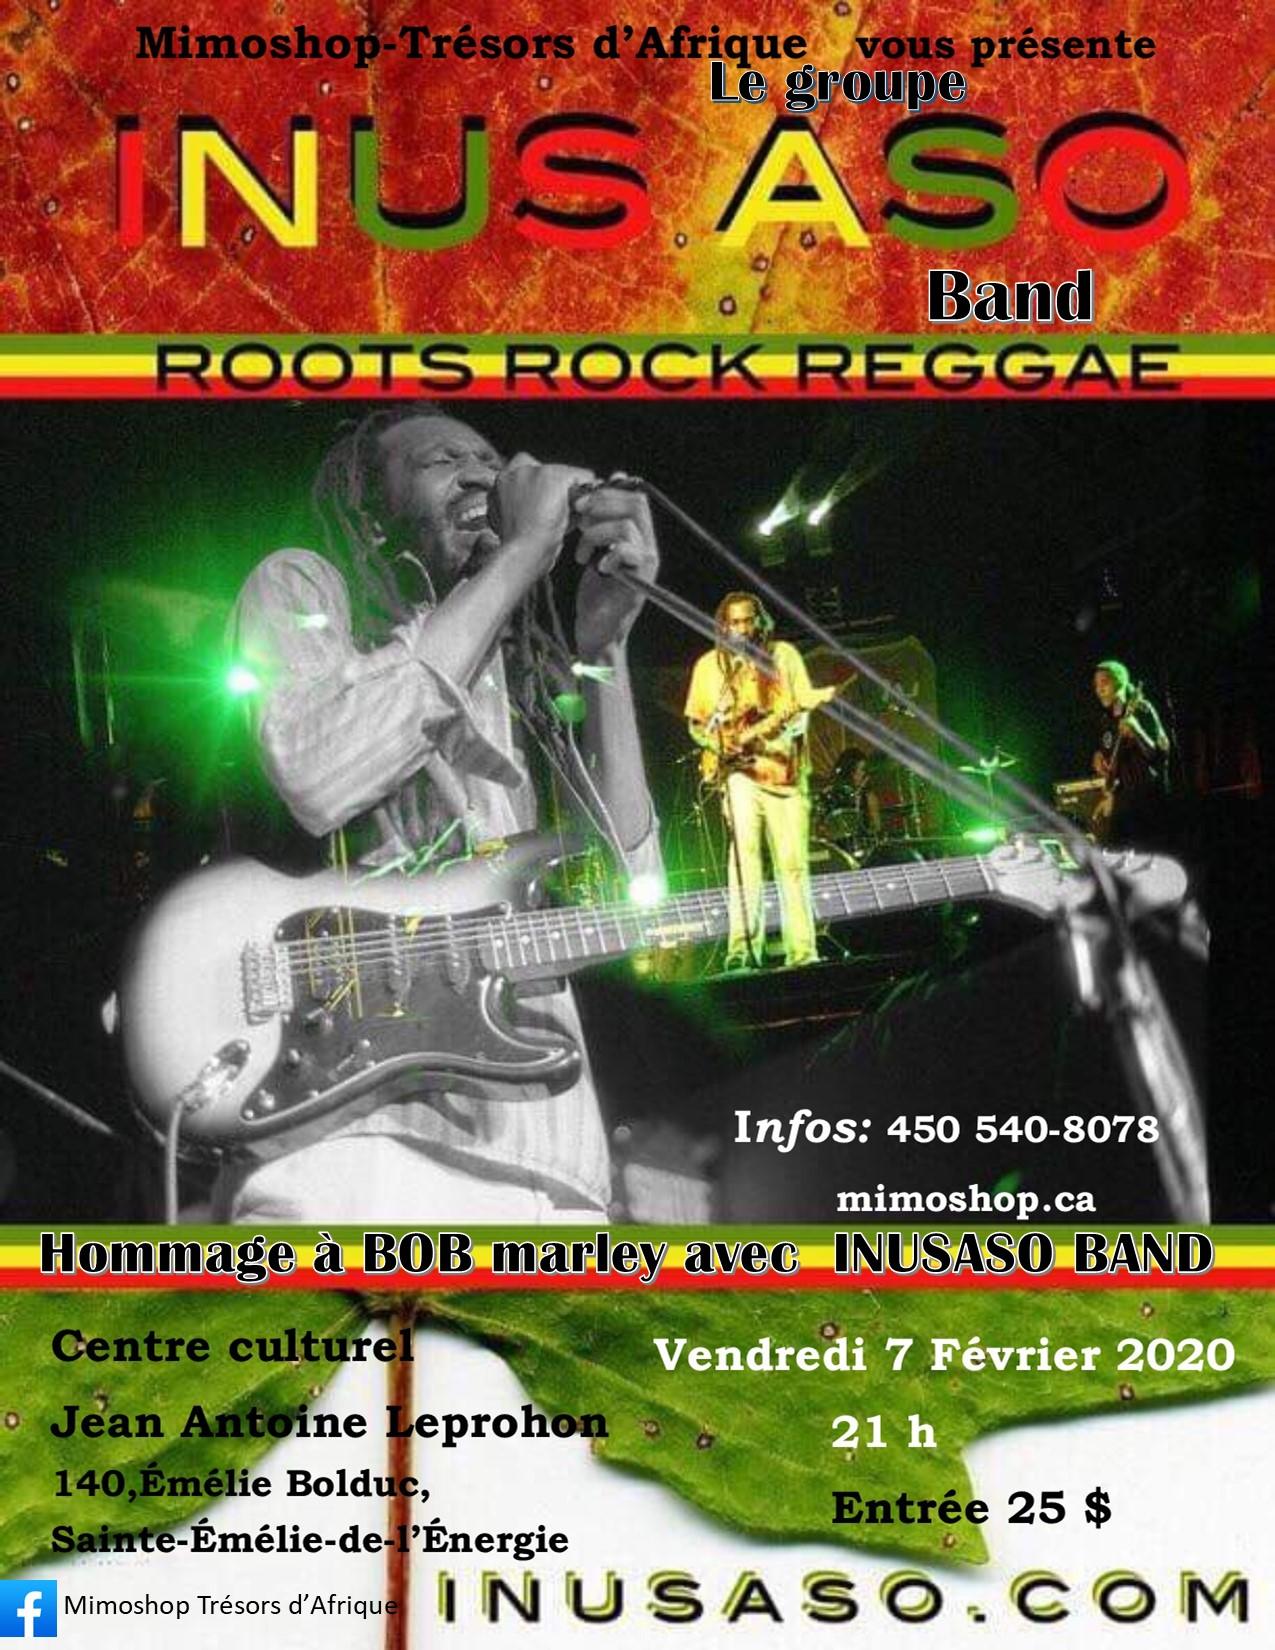 Hommage  à Robert Nesta (Bob) Marley  avec INUS ASO band